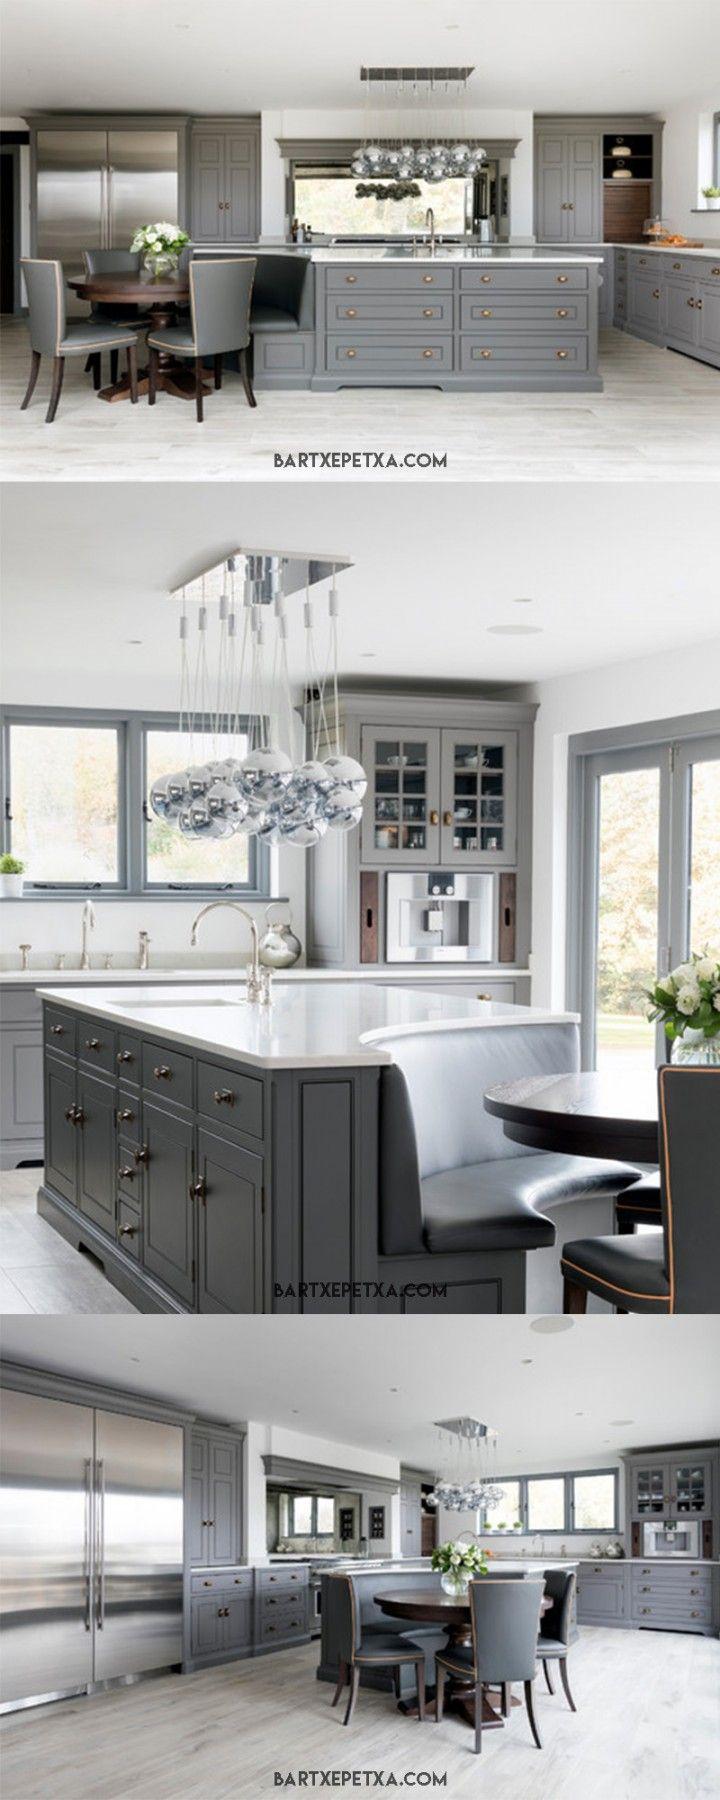 Contemporary Kitchen Design Benefits And Types Of Kitchen Style Decoraciones De Casa Decoracion De Unas Casas